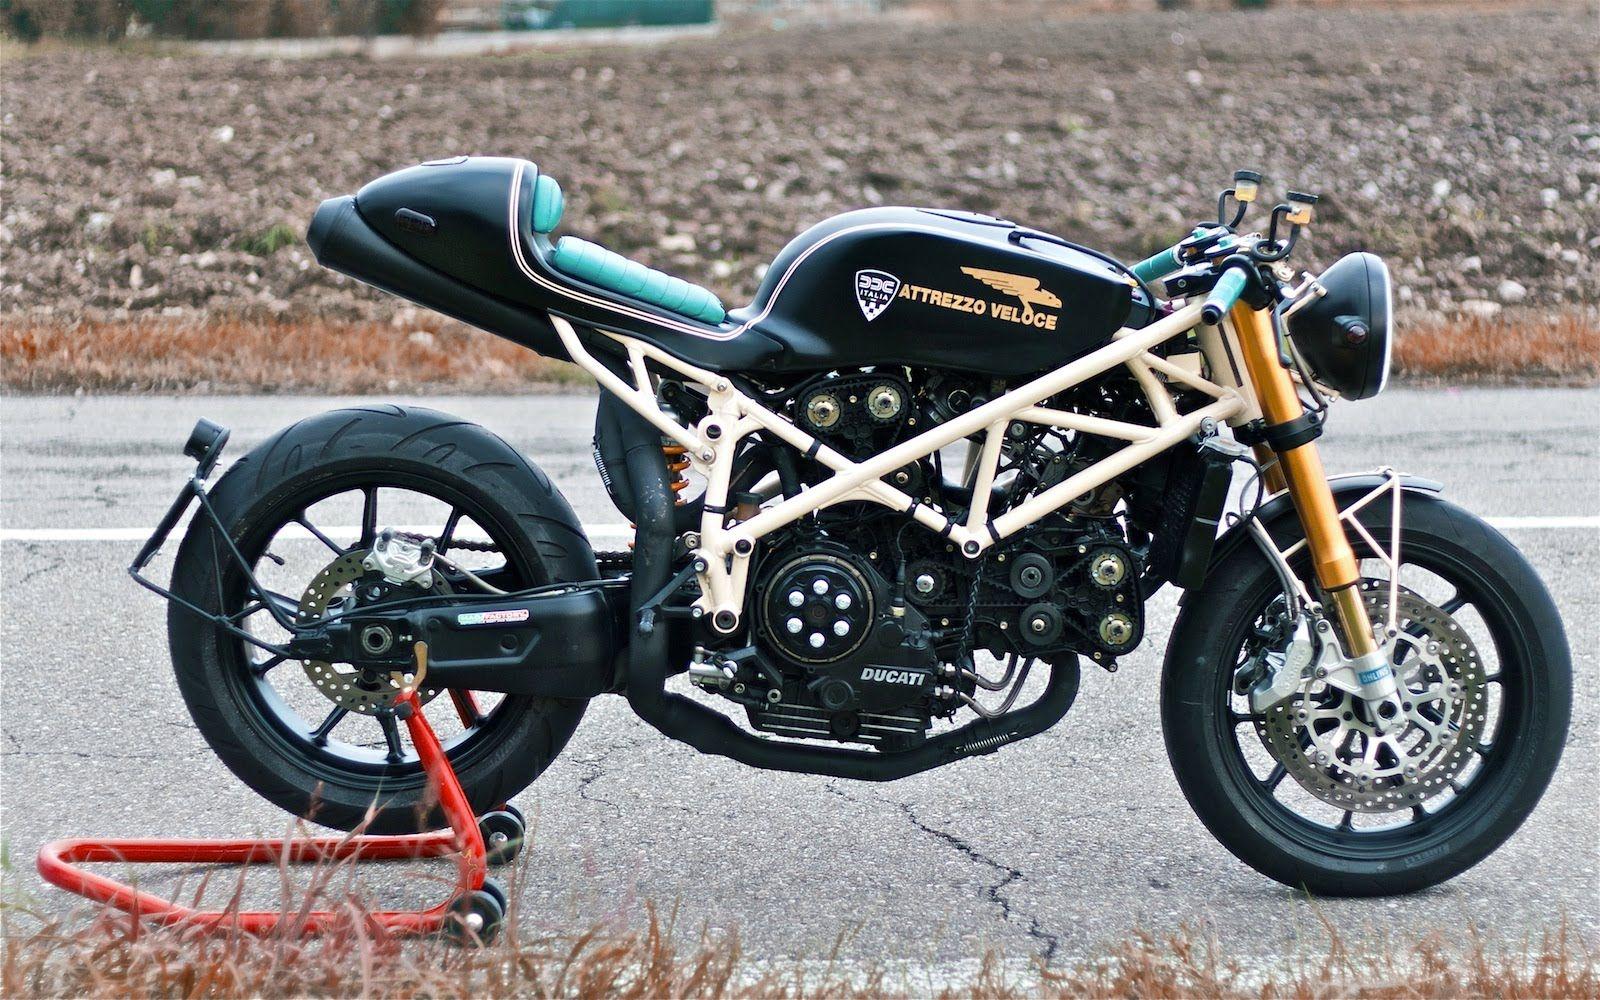 Risultati Immagini Per Ducati 749 Cafe Racer Ducati Cafe Racer Ducati Cafe Racer Kits